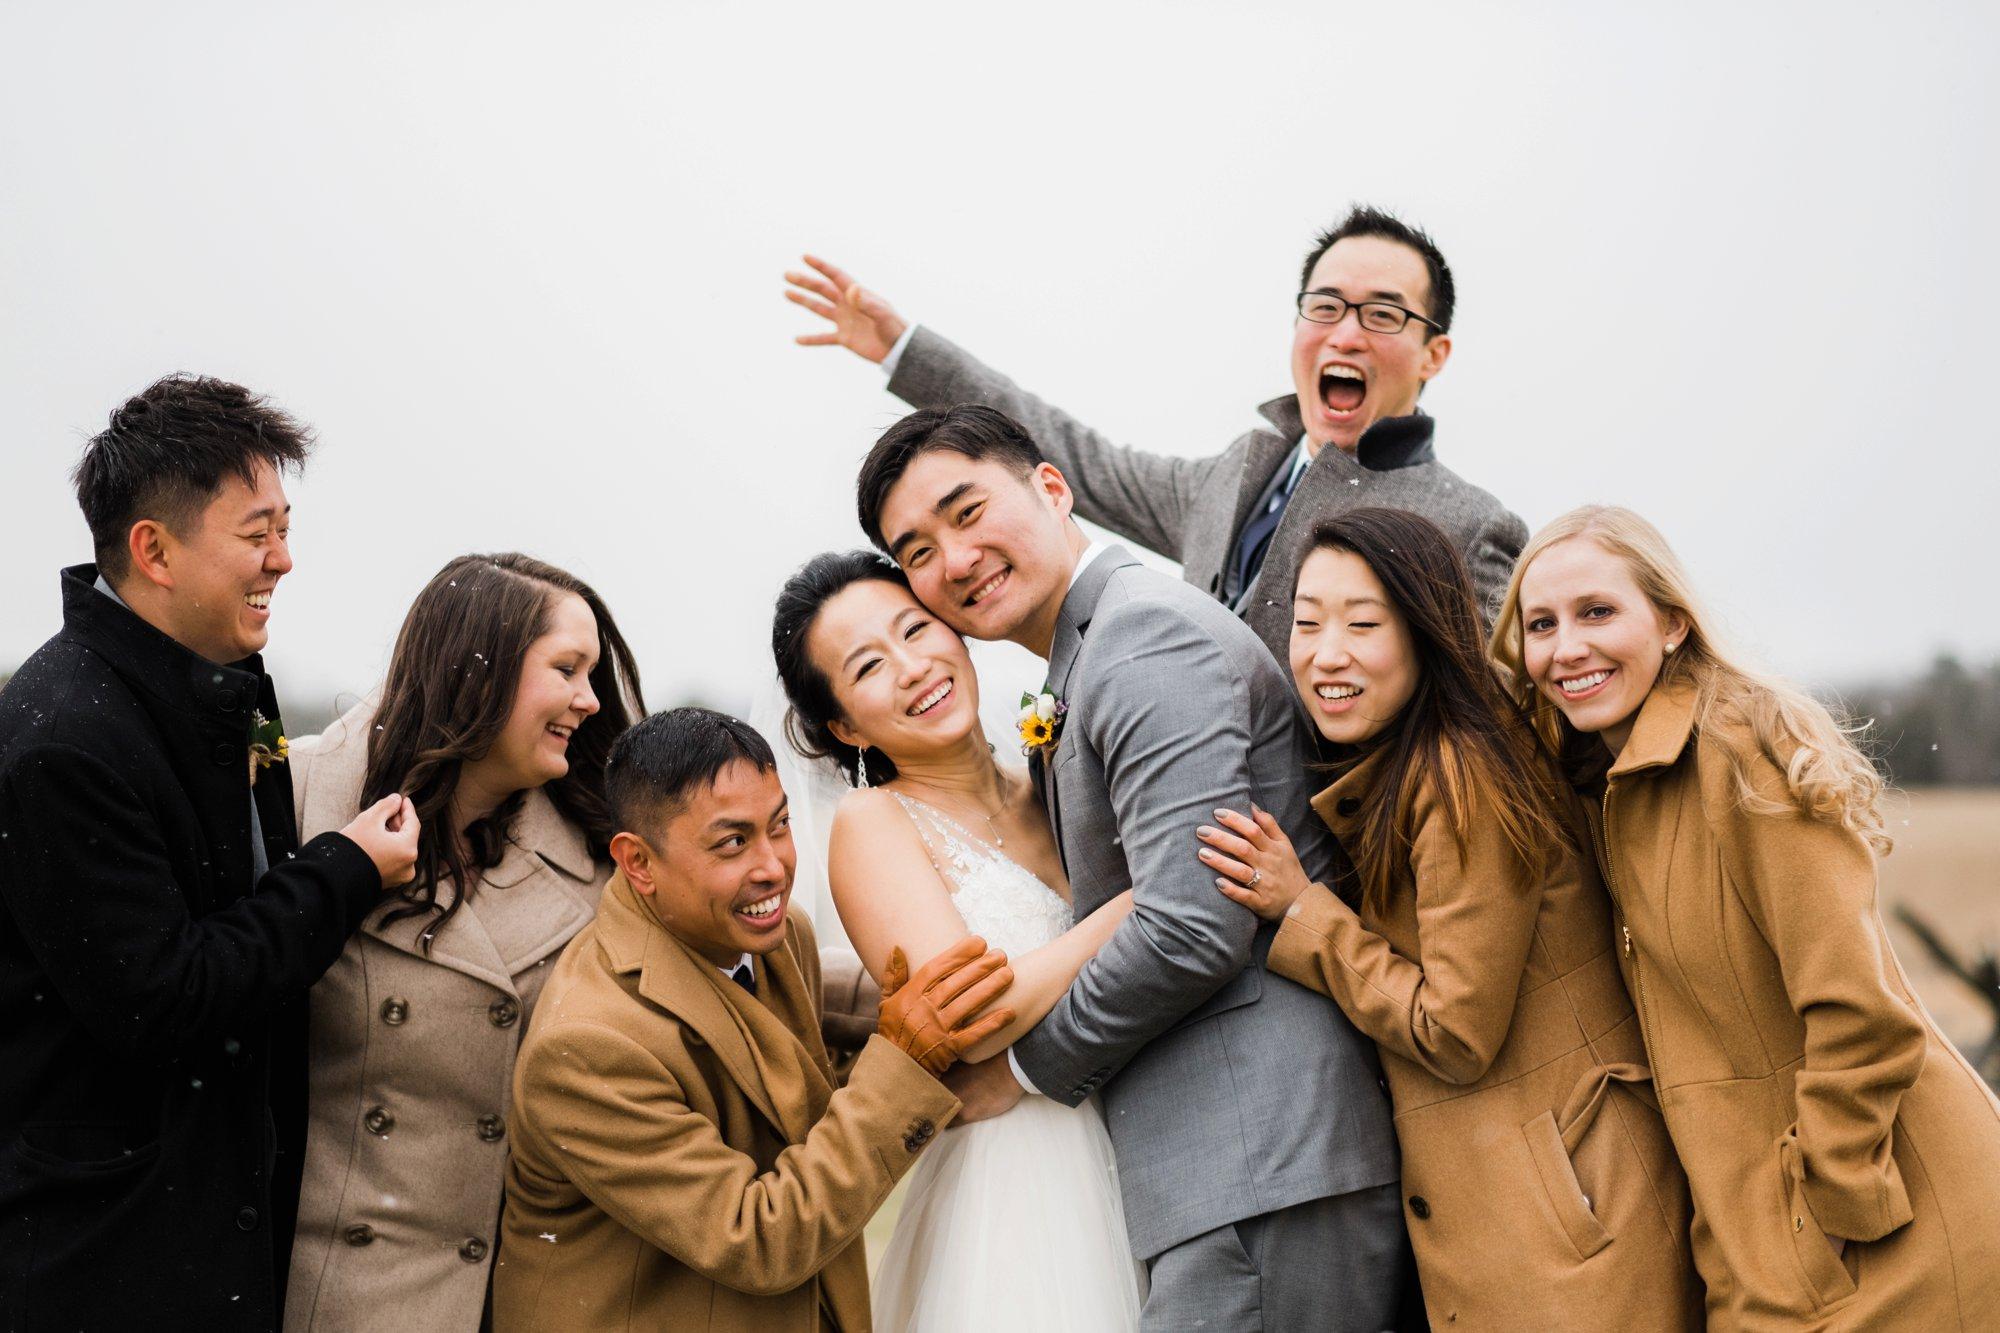 fairfax-dc-wedding-old-city-hall_0050.jpg